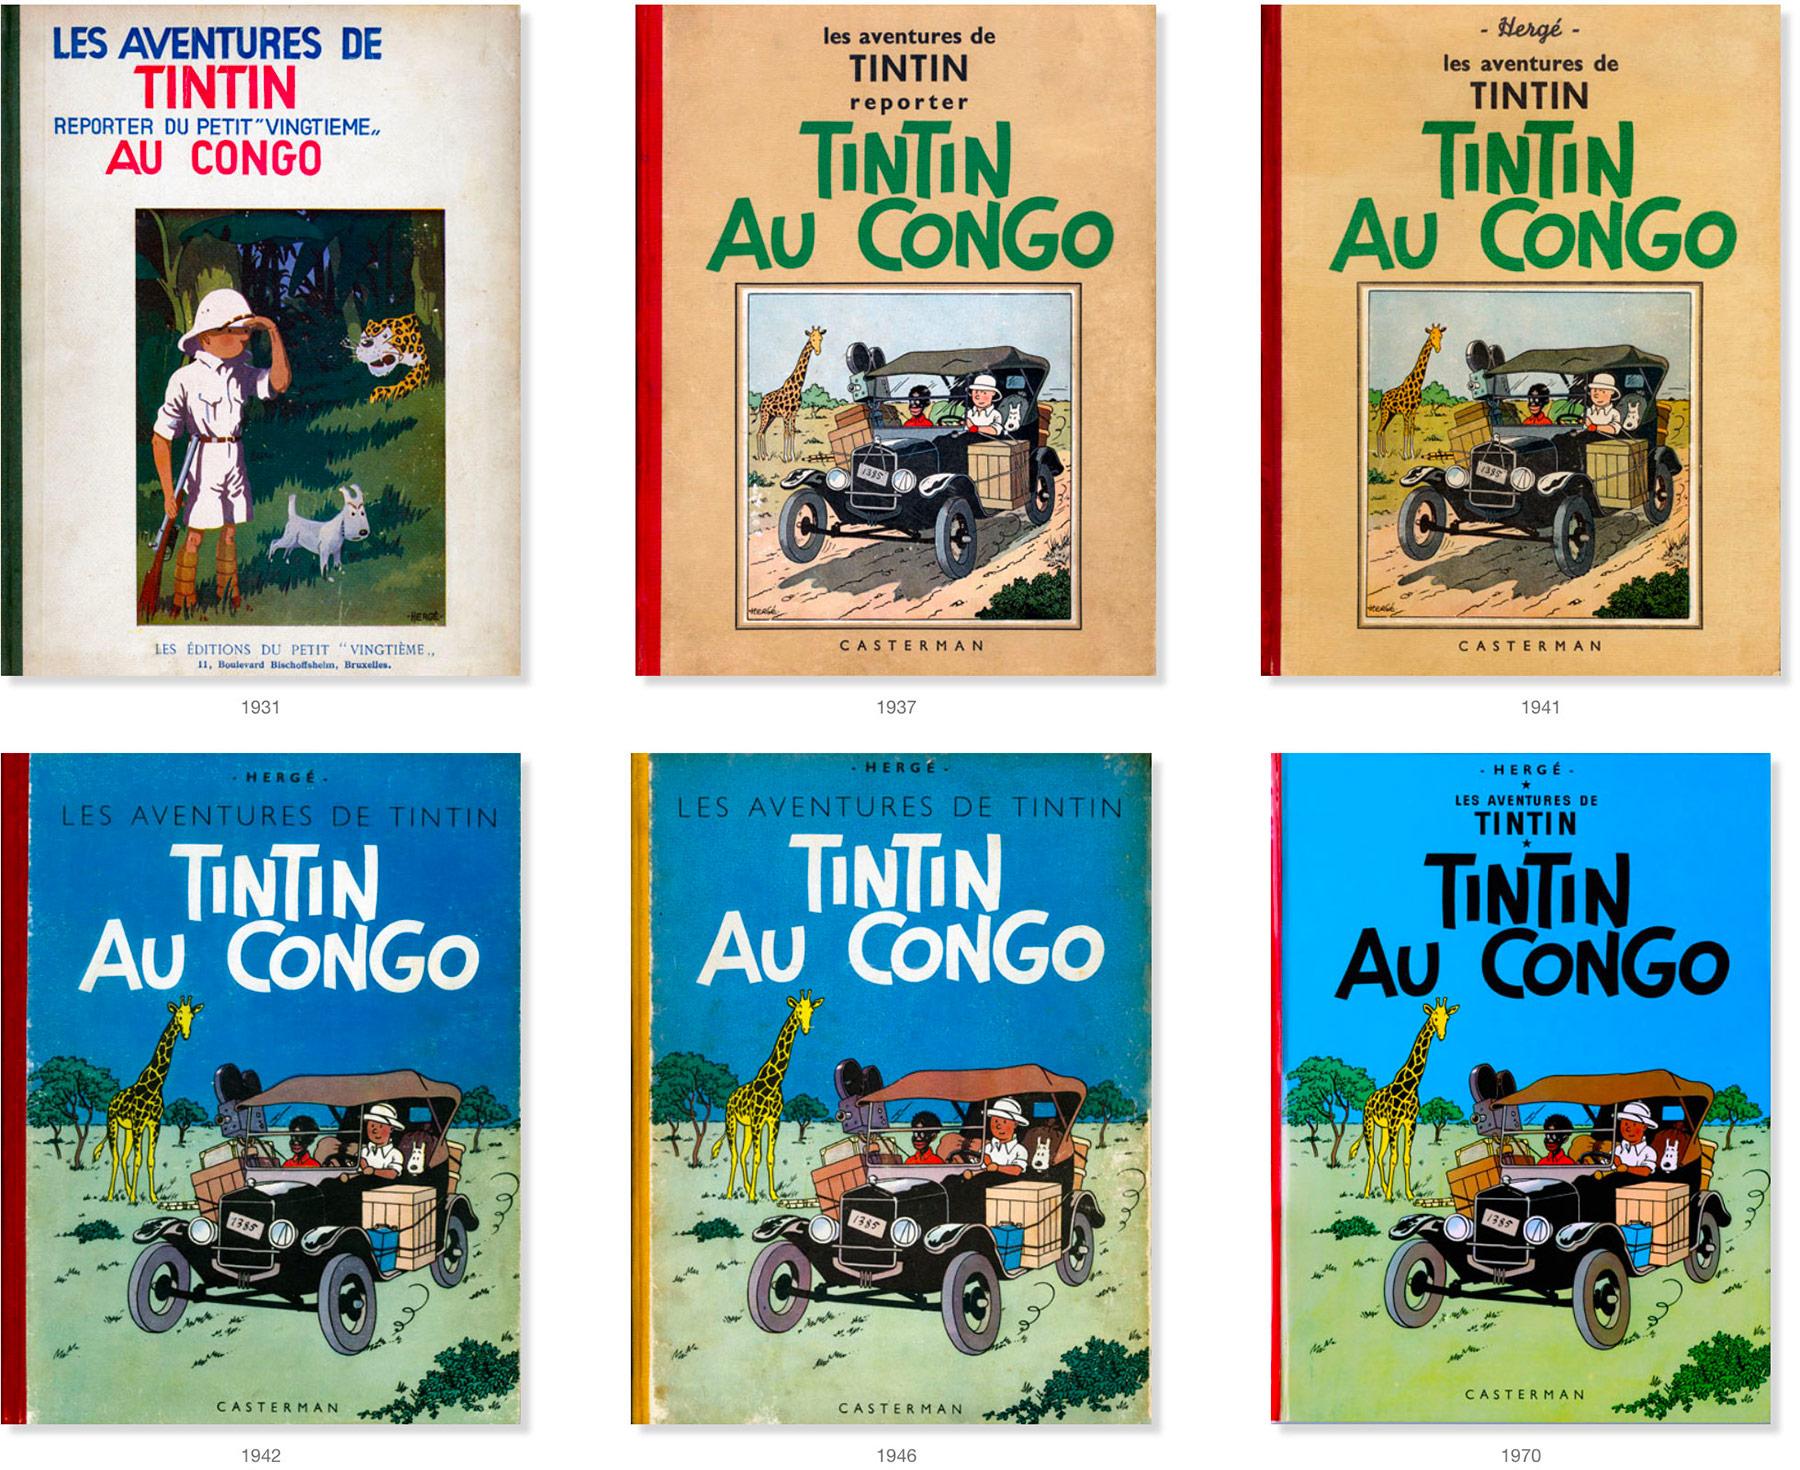 Tintin au Congo - Les versions des couvertures des albums de 1931 à 1970